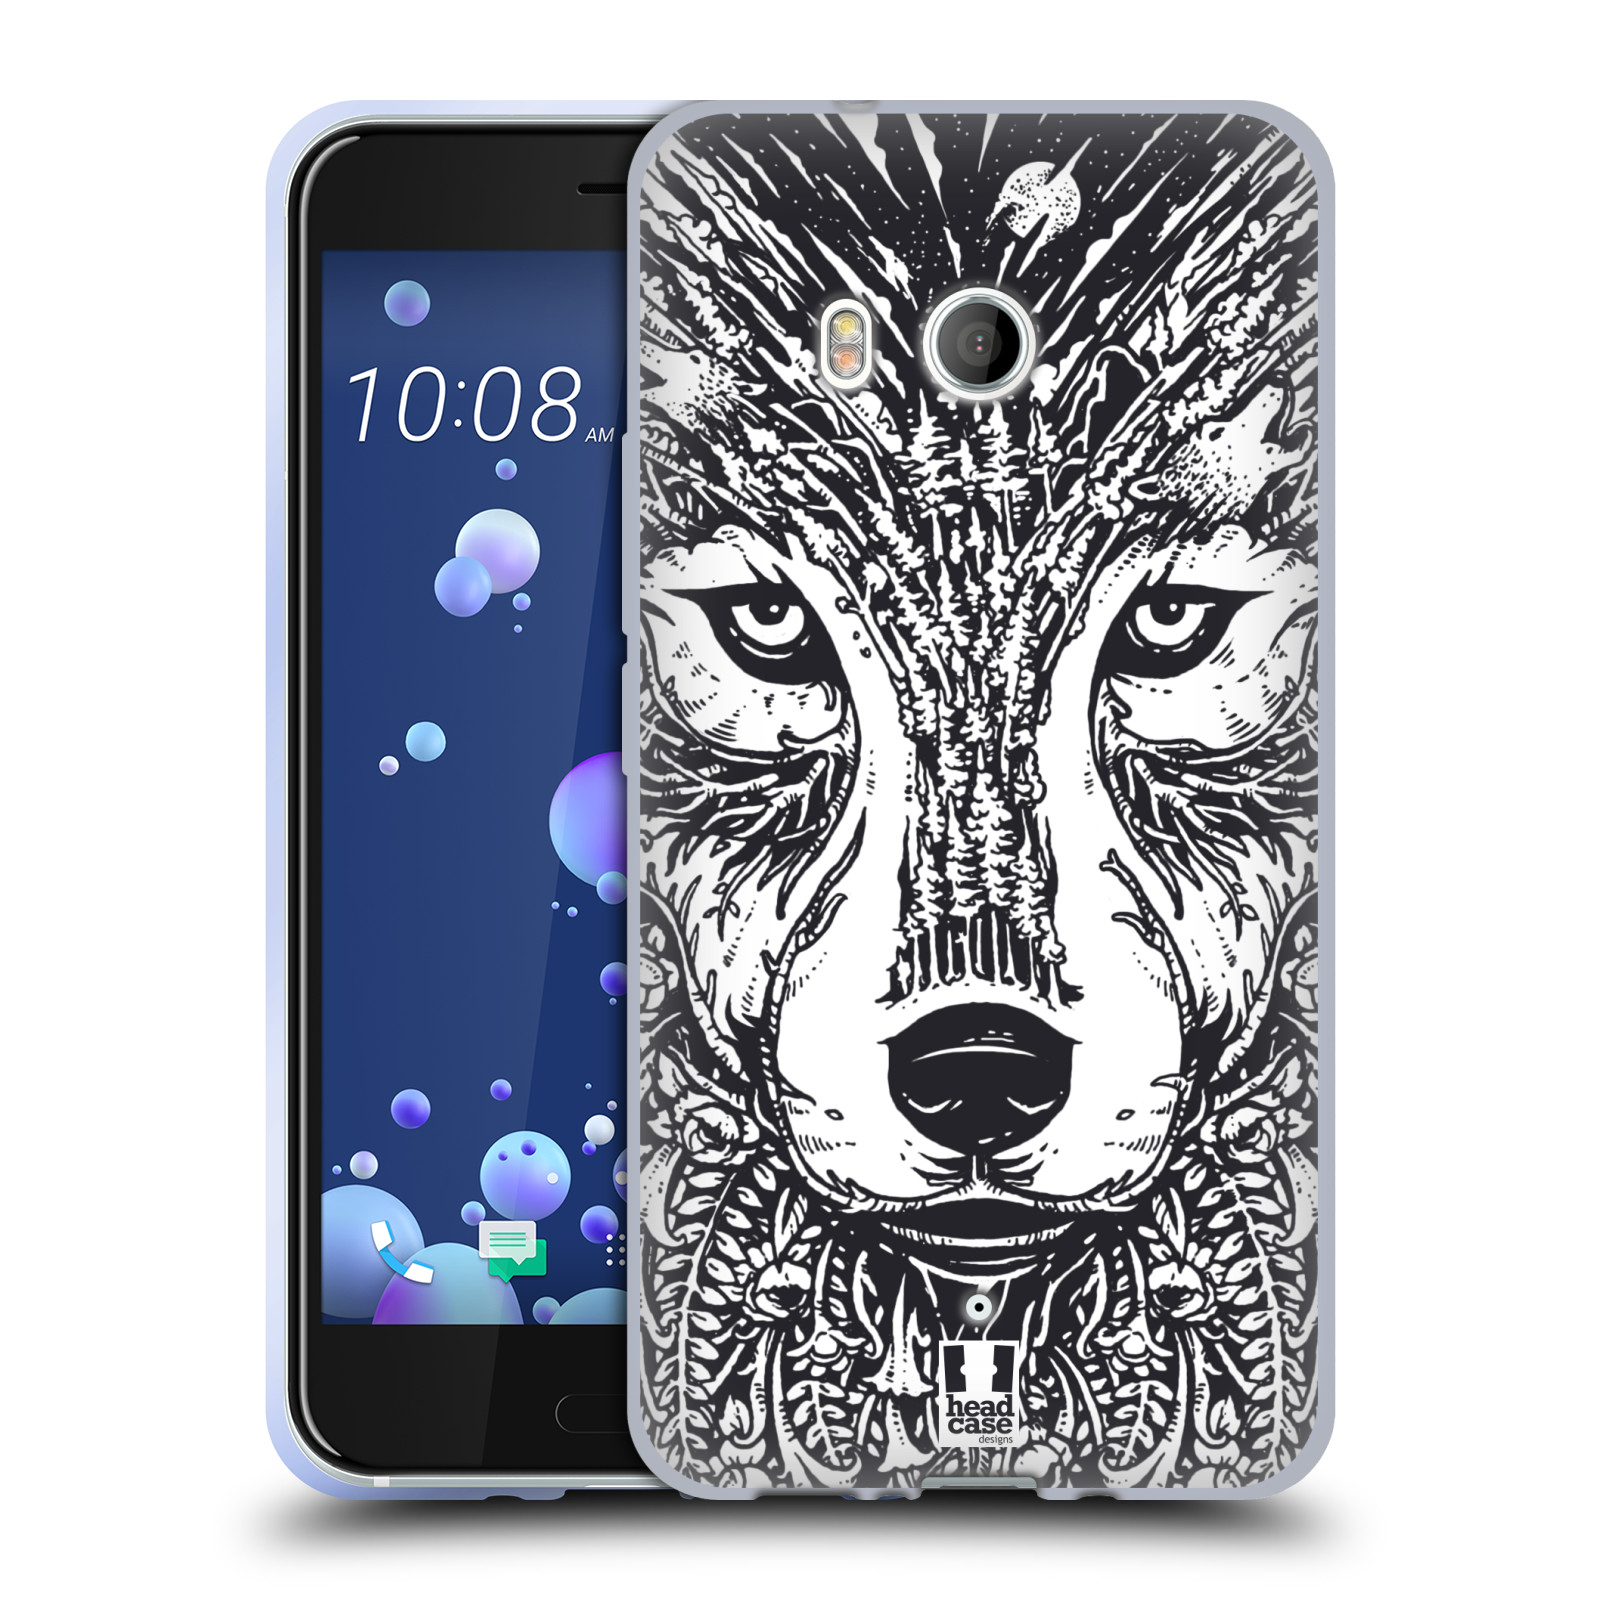 Silikonové pouzdro na mobil HTC U11 - Head Case - DOODLE TVÁŘ VLK (Silikonový kryt či obal na mobilní telefon HTC U11 s motivem DOODLE TVÁŘ VLK)